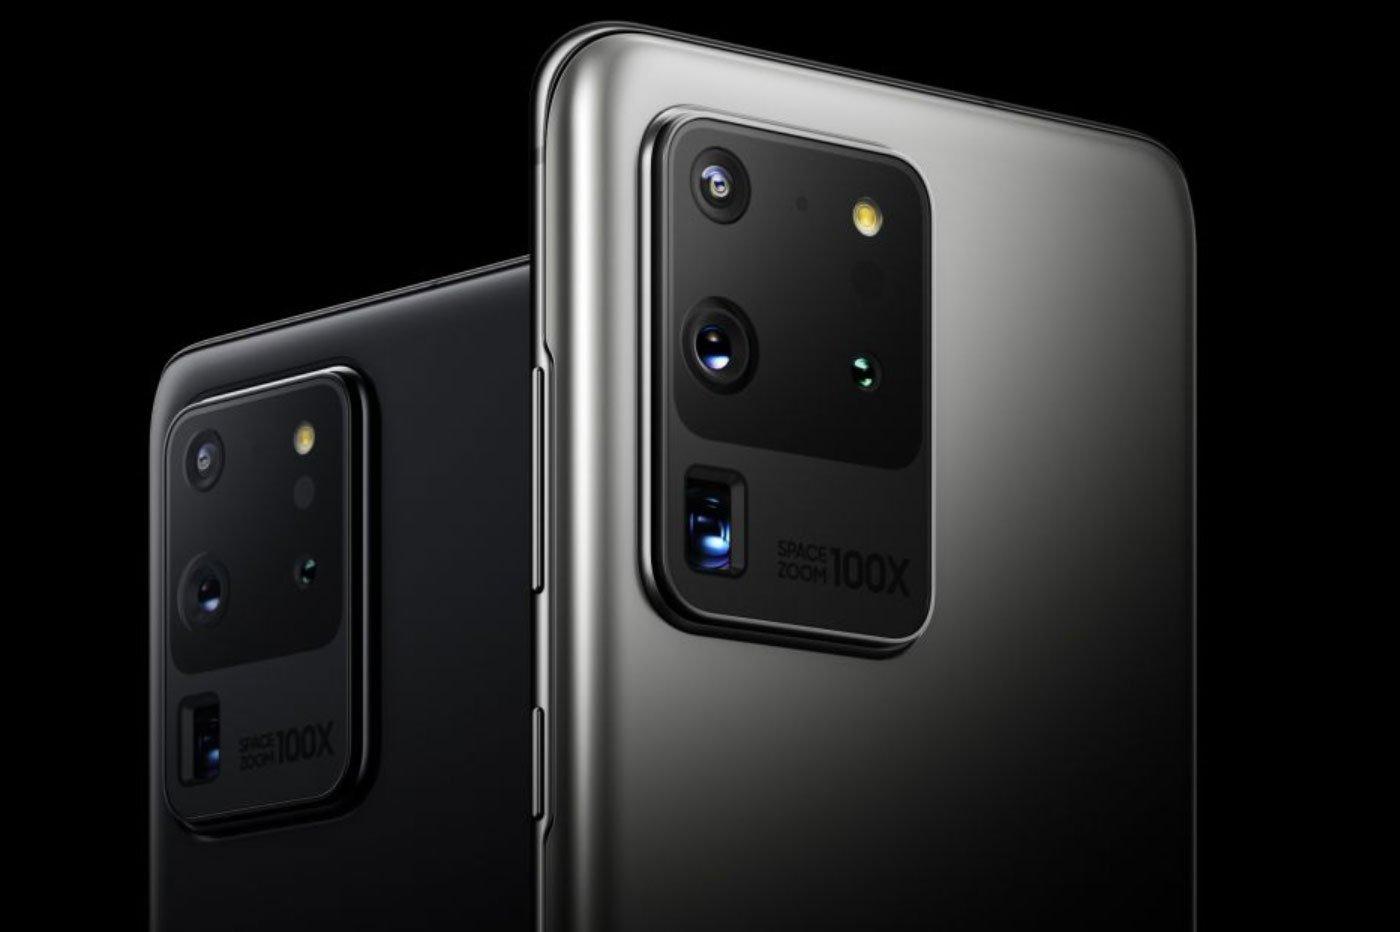 [Guide d'achat] Quel est le meilleur smartphone en 2021 ? - Journal du geek